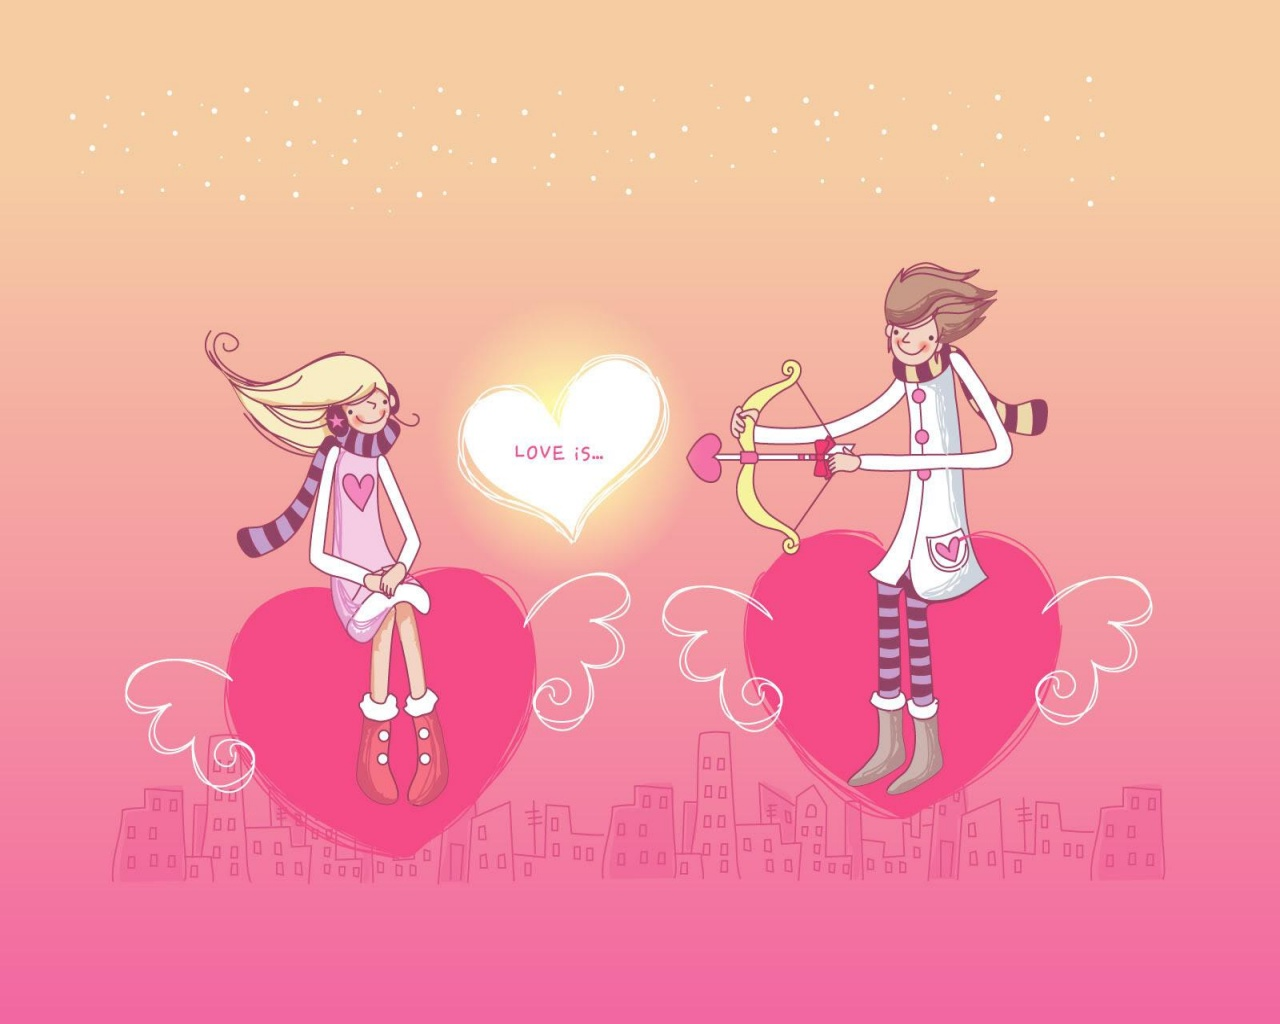 express_love-1280x1024